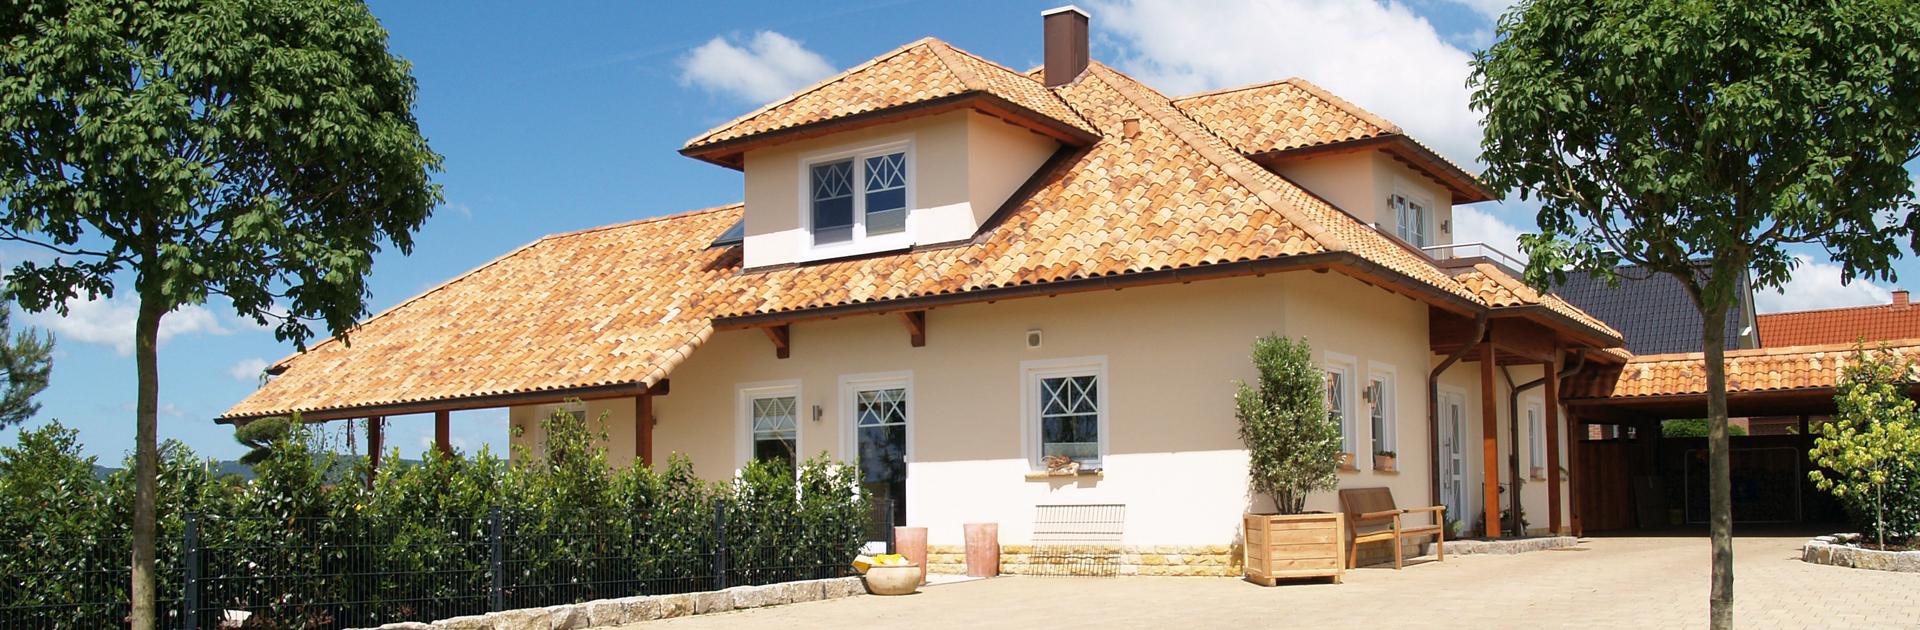 Atemberaubend Elektrische Häuser Bilder - Der Schaltplan - triangre.info